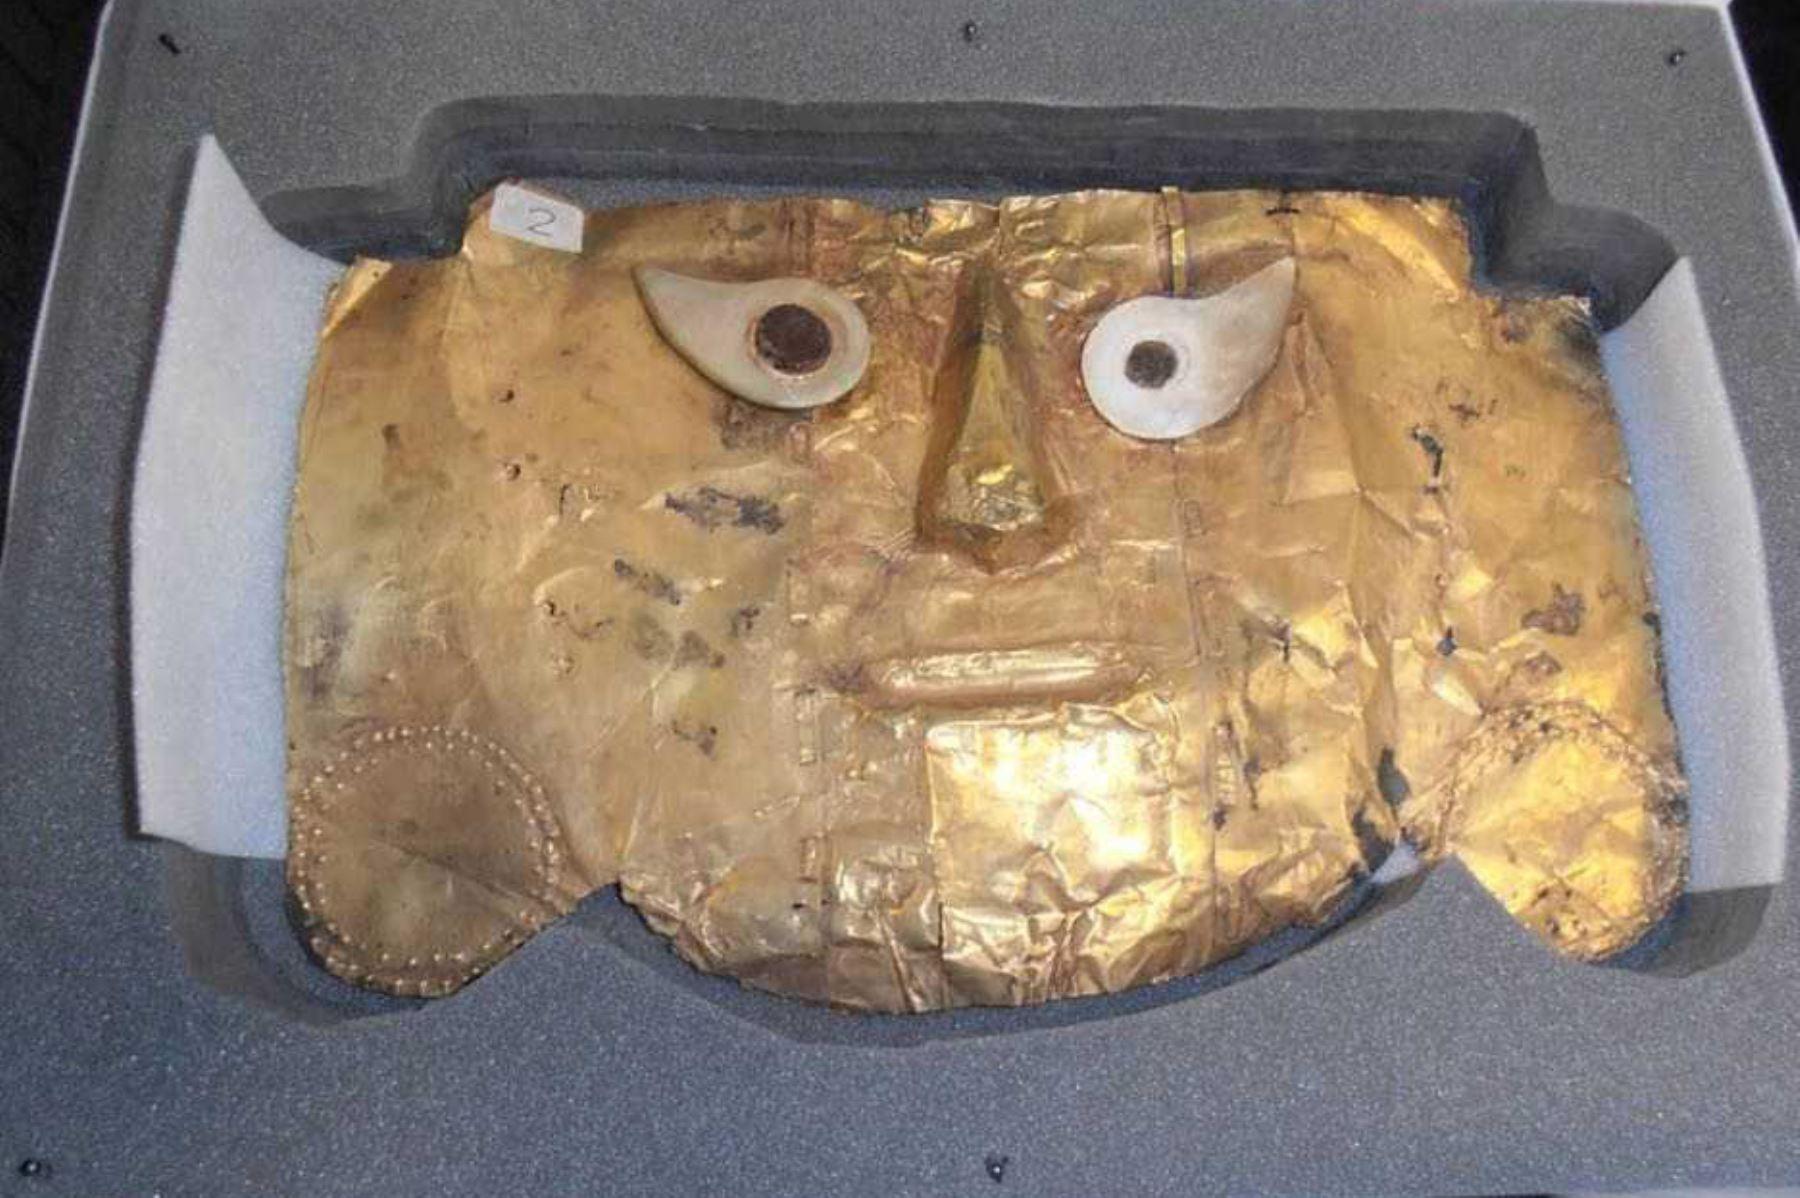 Después de 19 años de proceso judicial, el Perú recuperó la Máscara de Sicán, perteneciente a su patrimonio cultural, que en 1999 fue decomisada por parte de la Oficina de Interpol en Wiesbaden, Alemania.